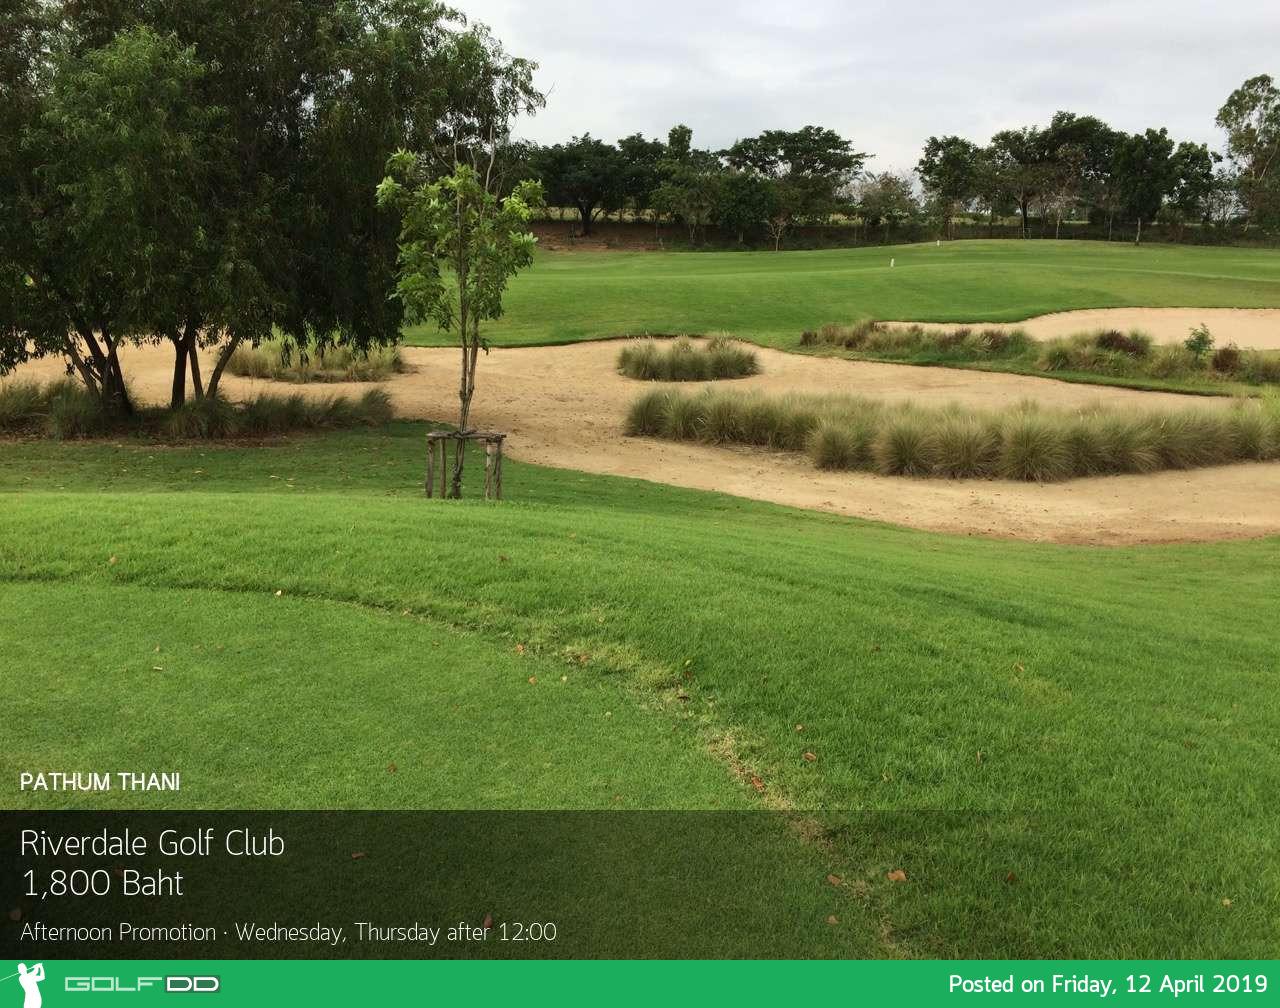 โปรโมชั่นฮอตซะใจ ต้อนรับสงกรานต์ที่ Riverdale Golf Club